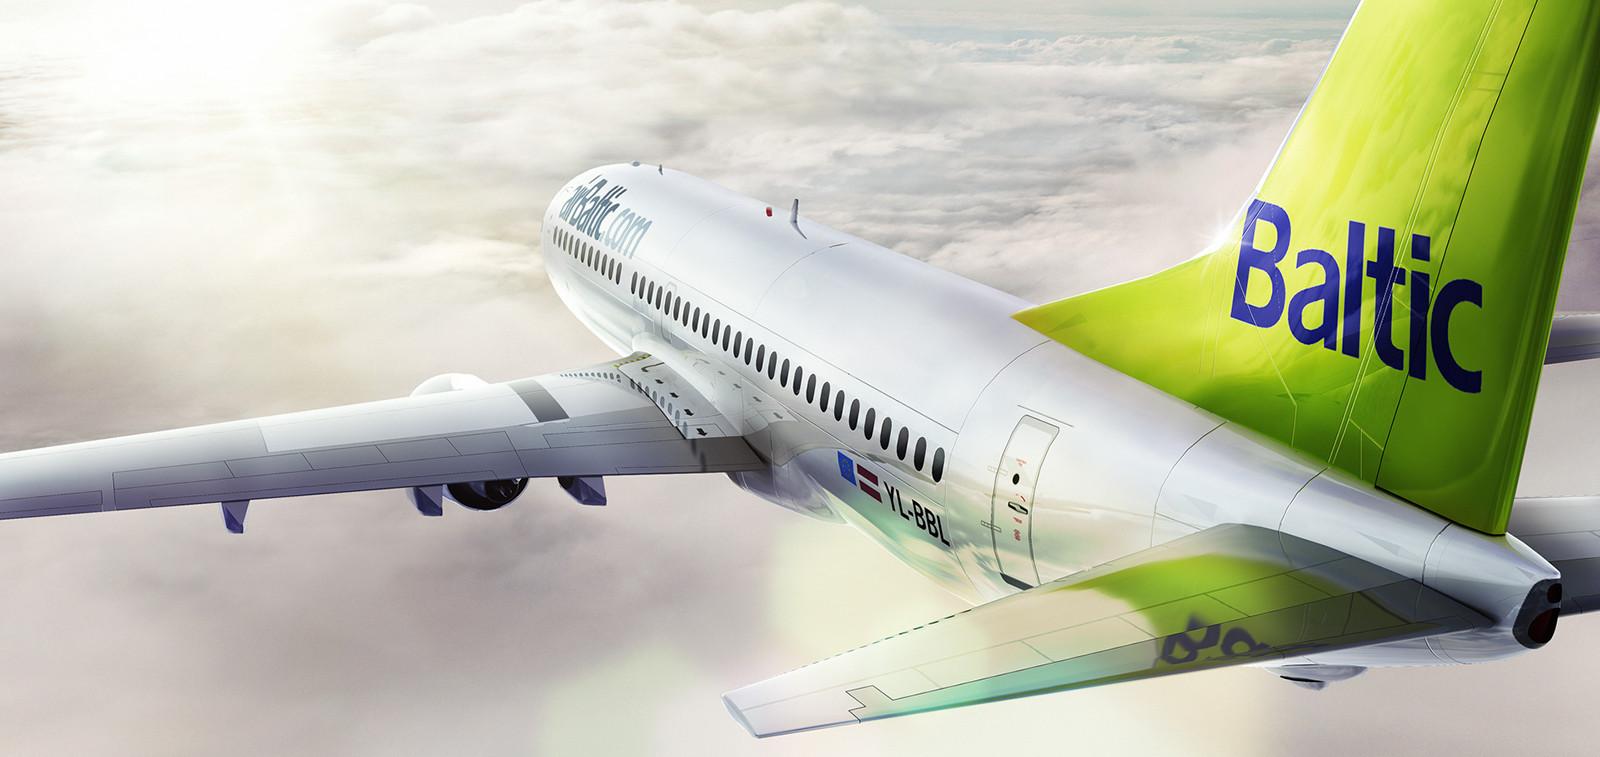 Air Balticin valko-vihreä väritteinen lentokone lentämässä pilvien yläpuolella